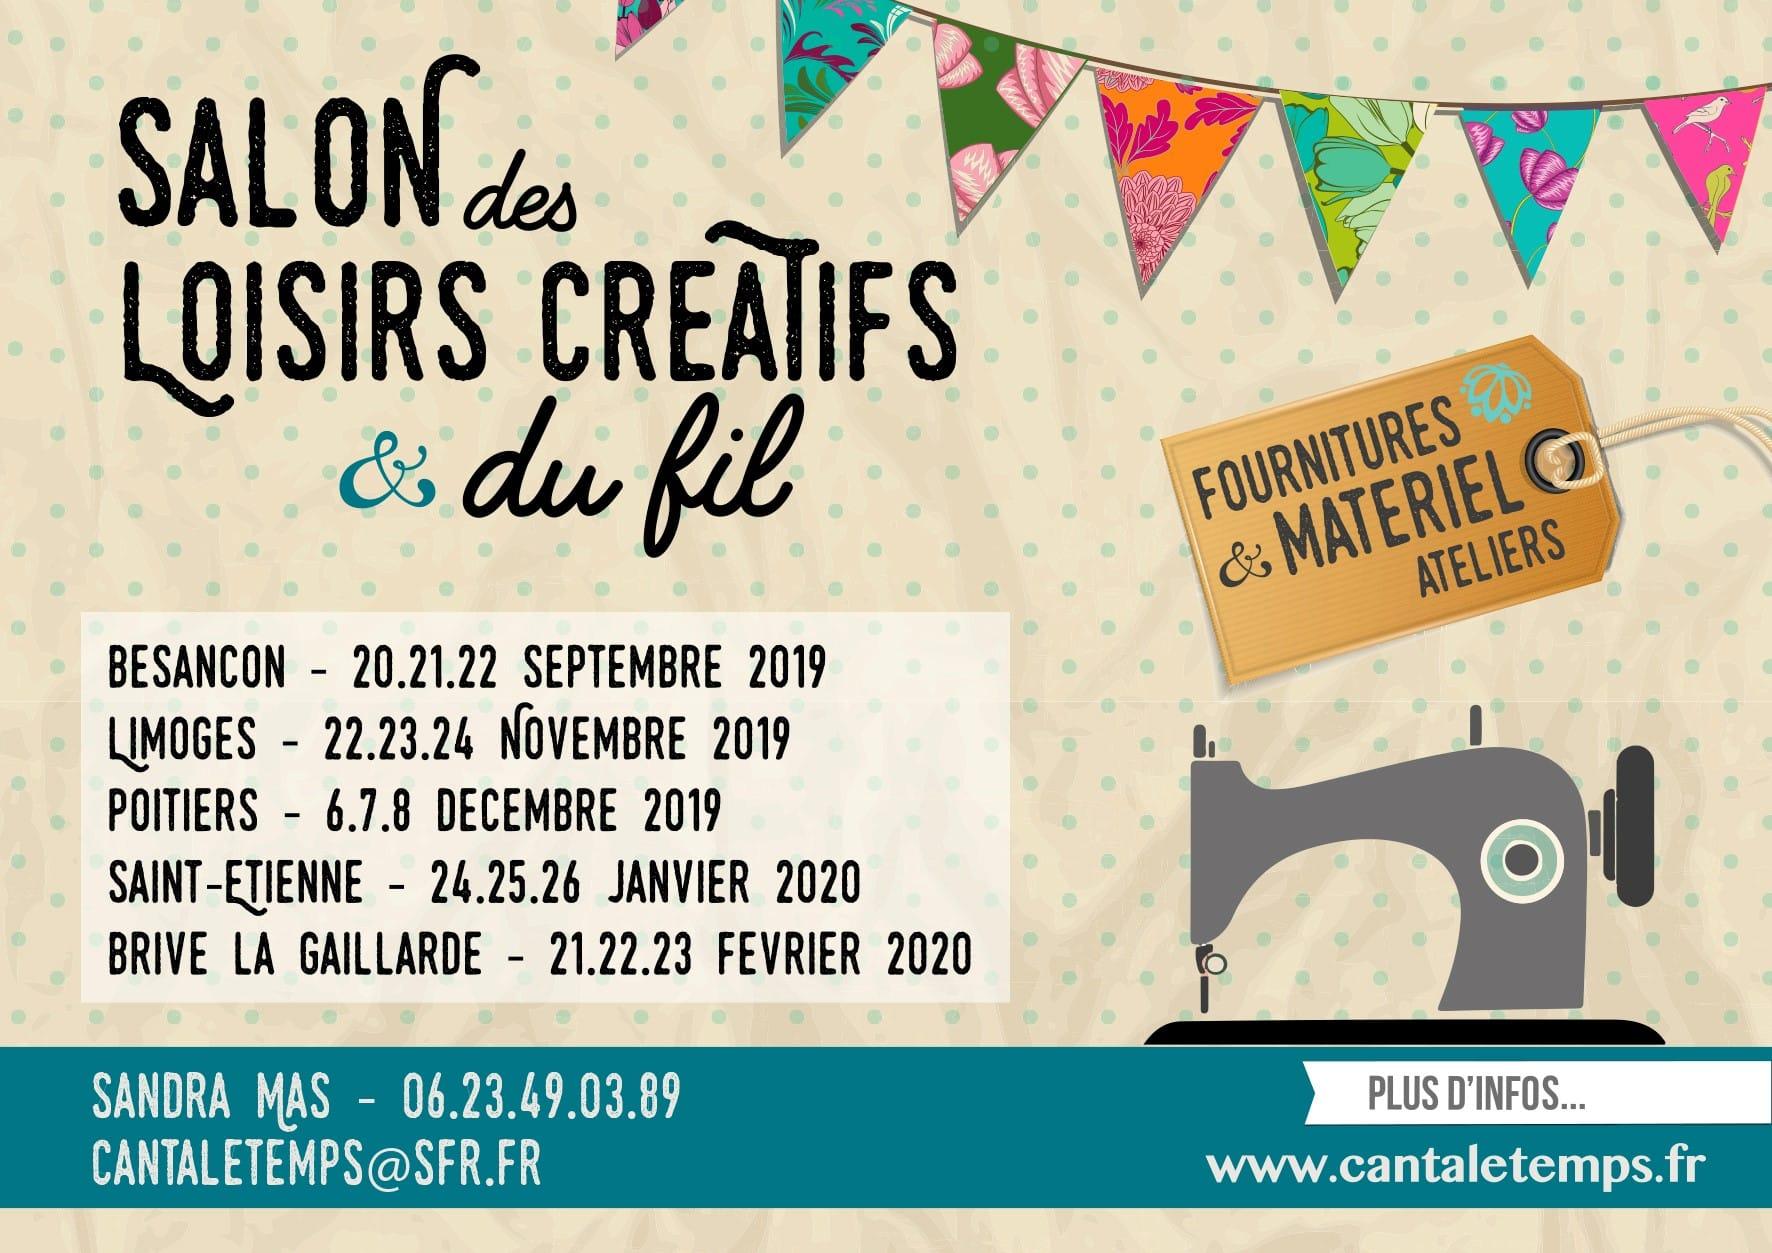 Salon-des-arts-créatifs-et-du-fil-besançon-2019